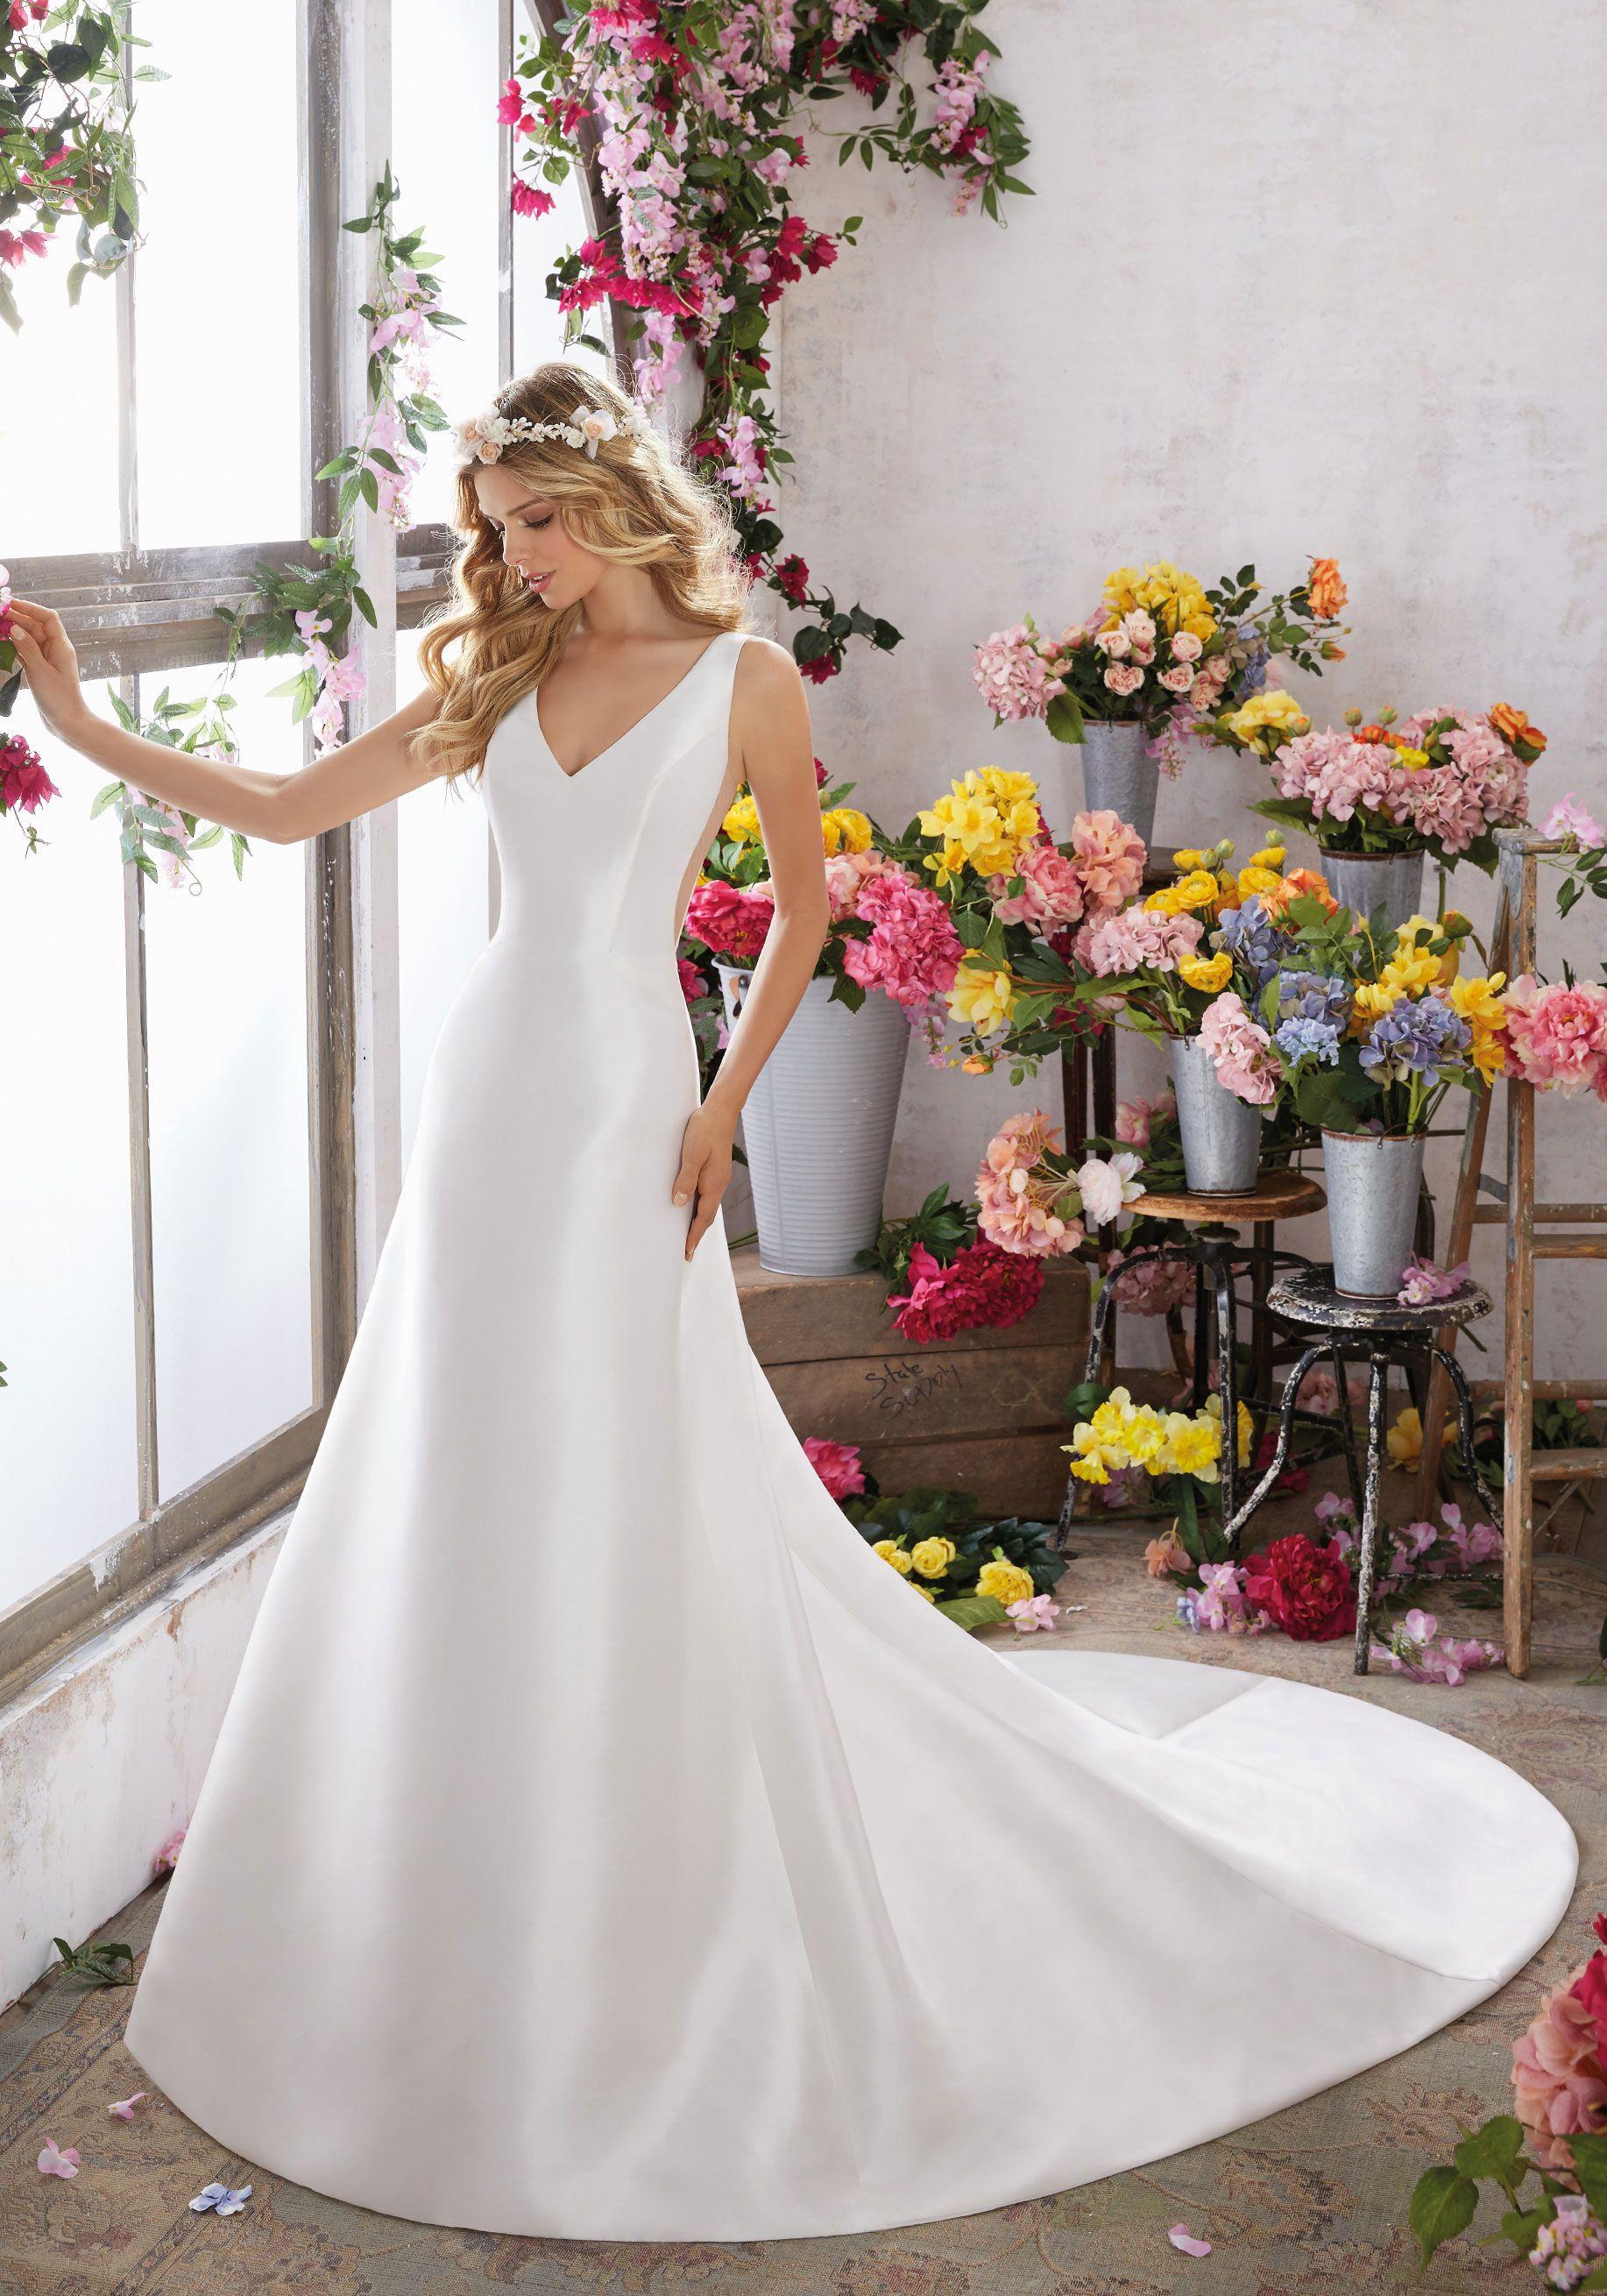 Designer Wedding Dresses and Bridal Gowns by Morilee. Elegant Satin ...